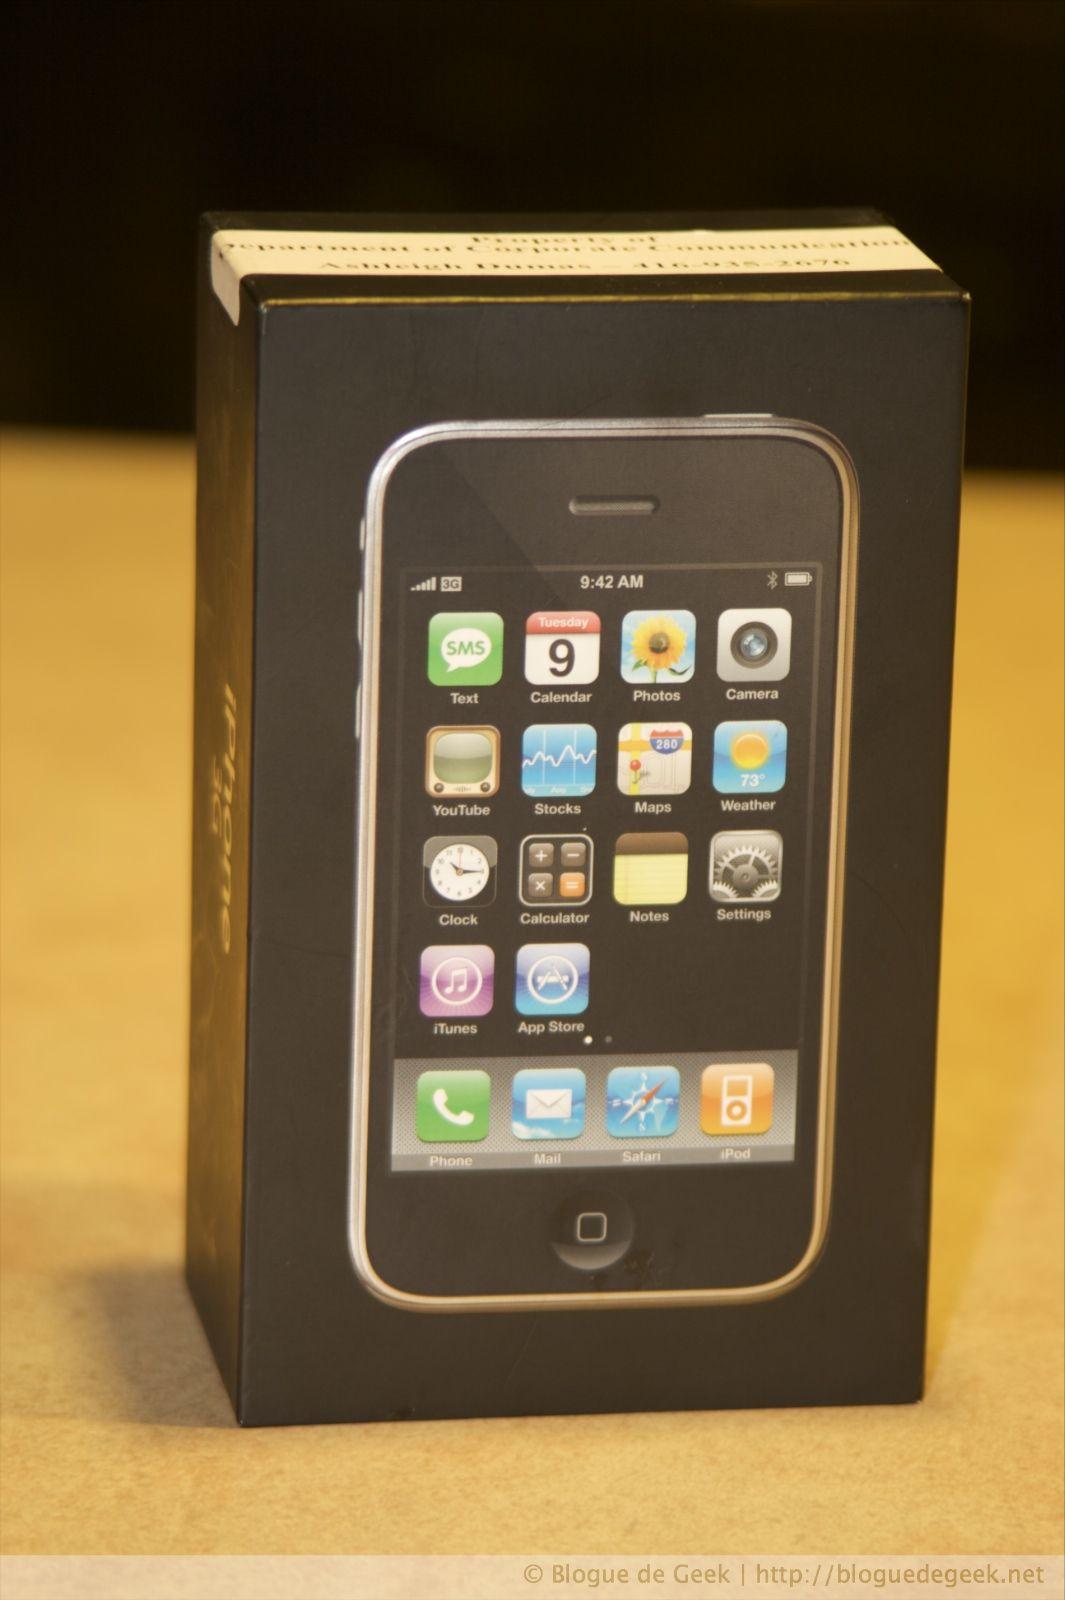 img 25862 - iPhone 3G avec Rogers au Canada [Évaluation]